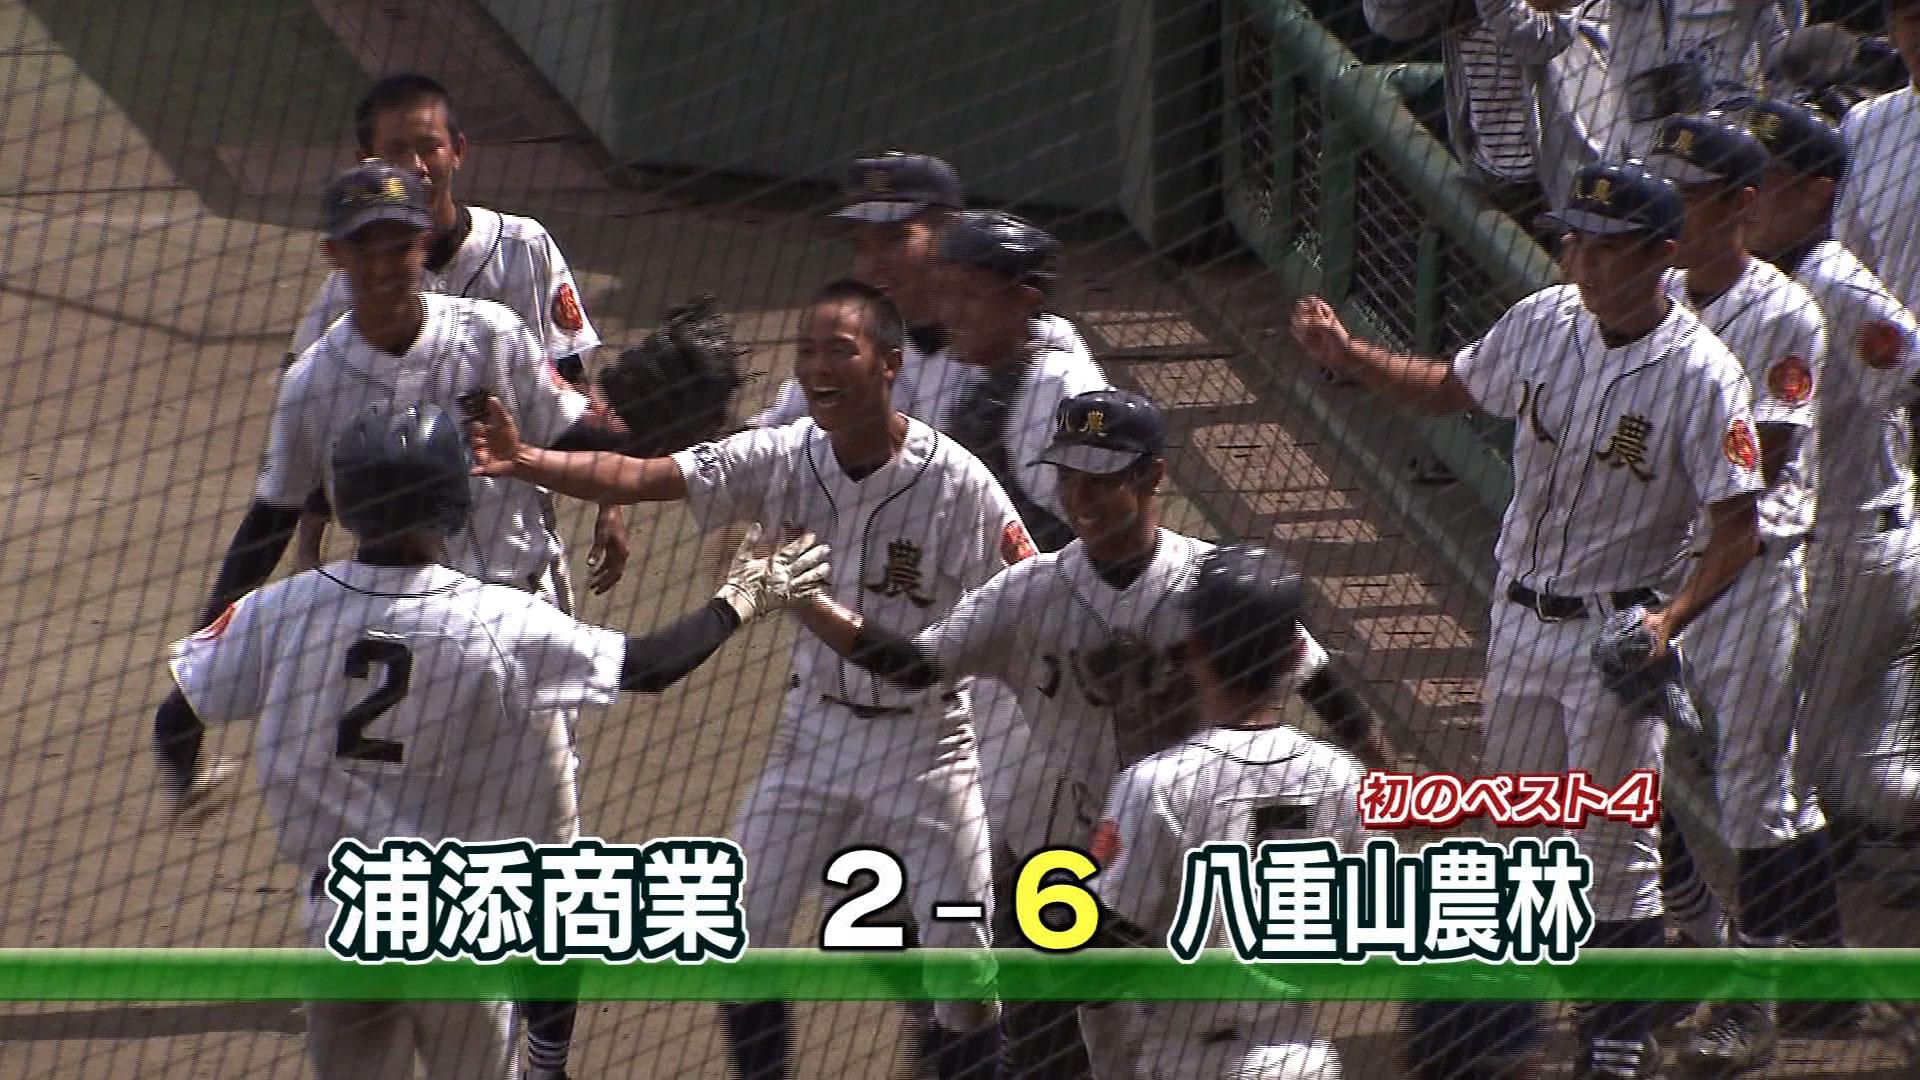 夏の高校野球沖縄大会 準々決勝